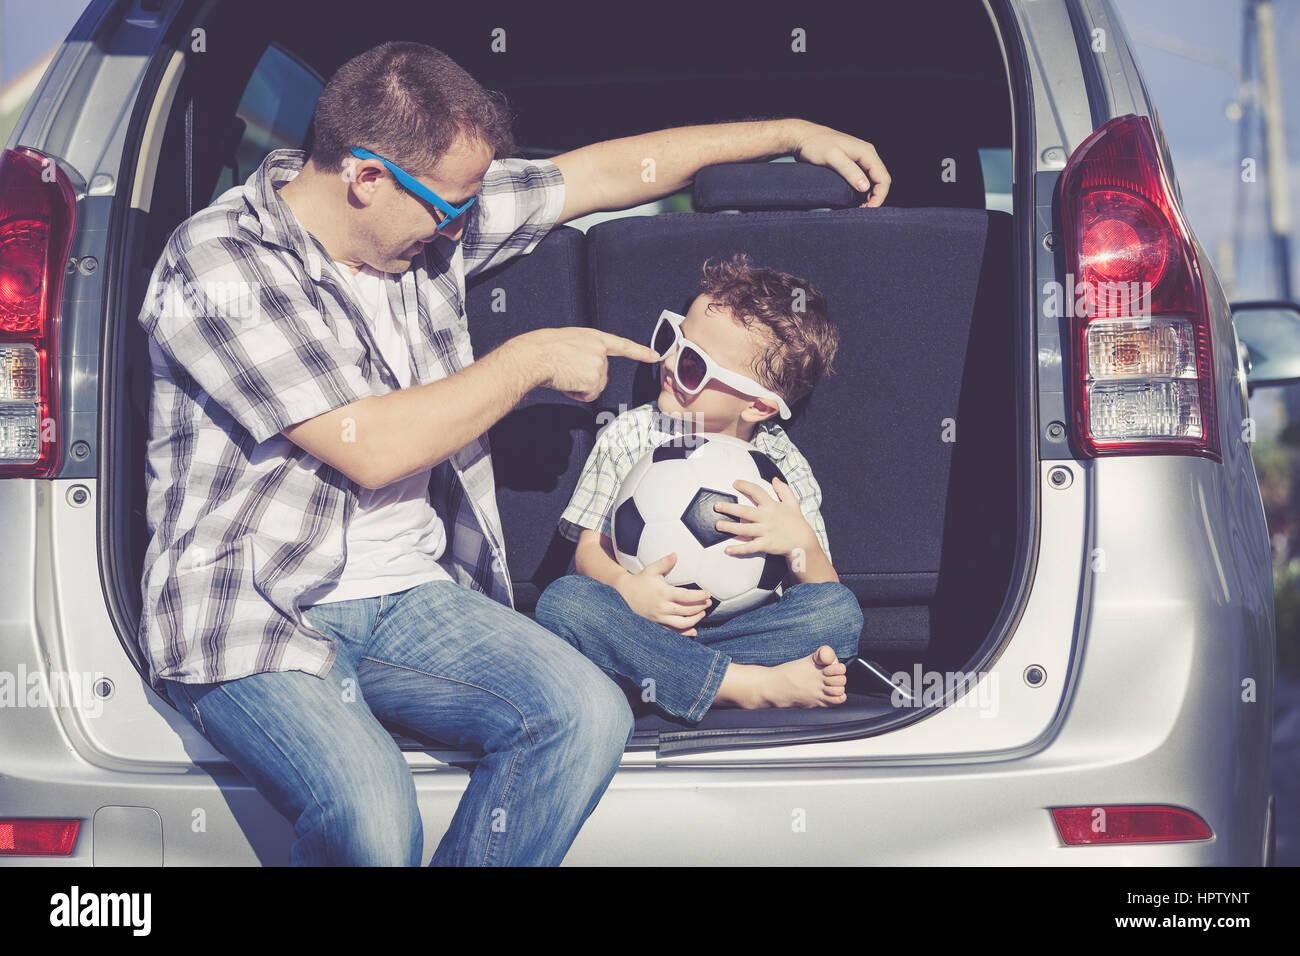 Heureux père et fils se préparer pour road trip sur une journée ensoleillée. Concept de famille Photo Stock